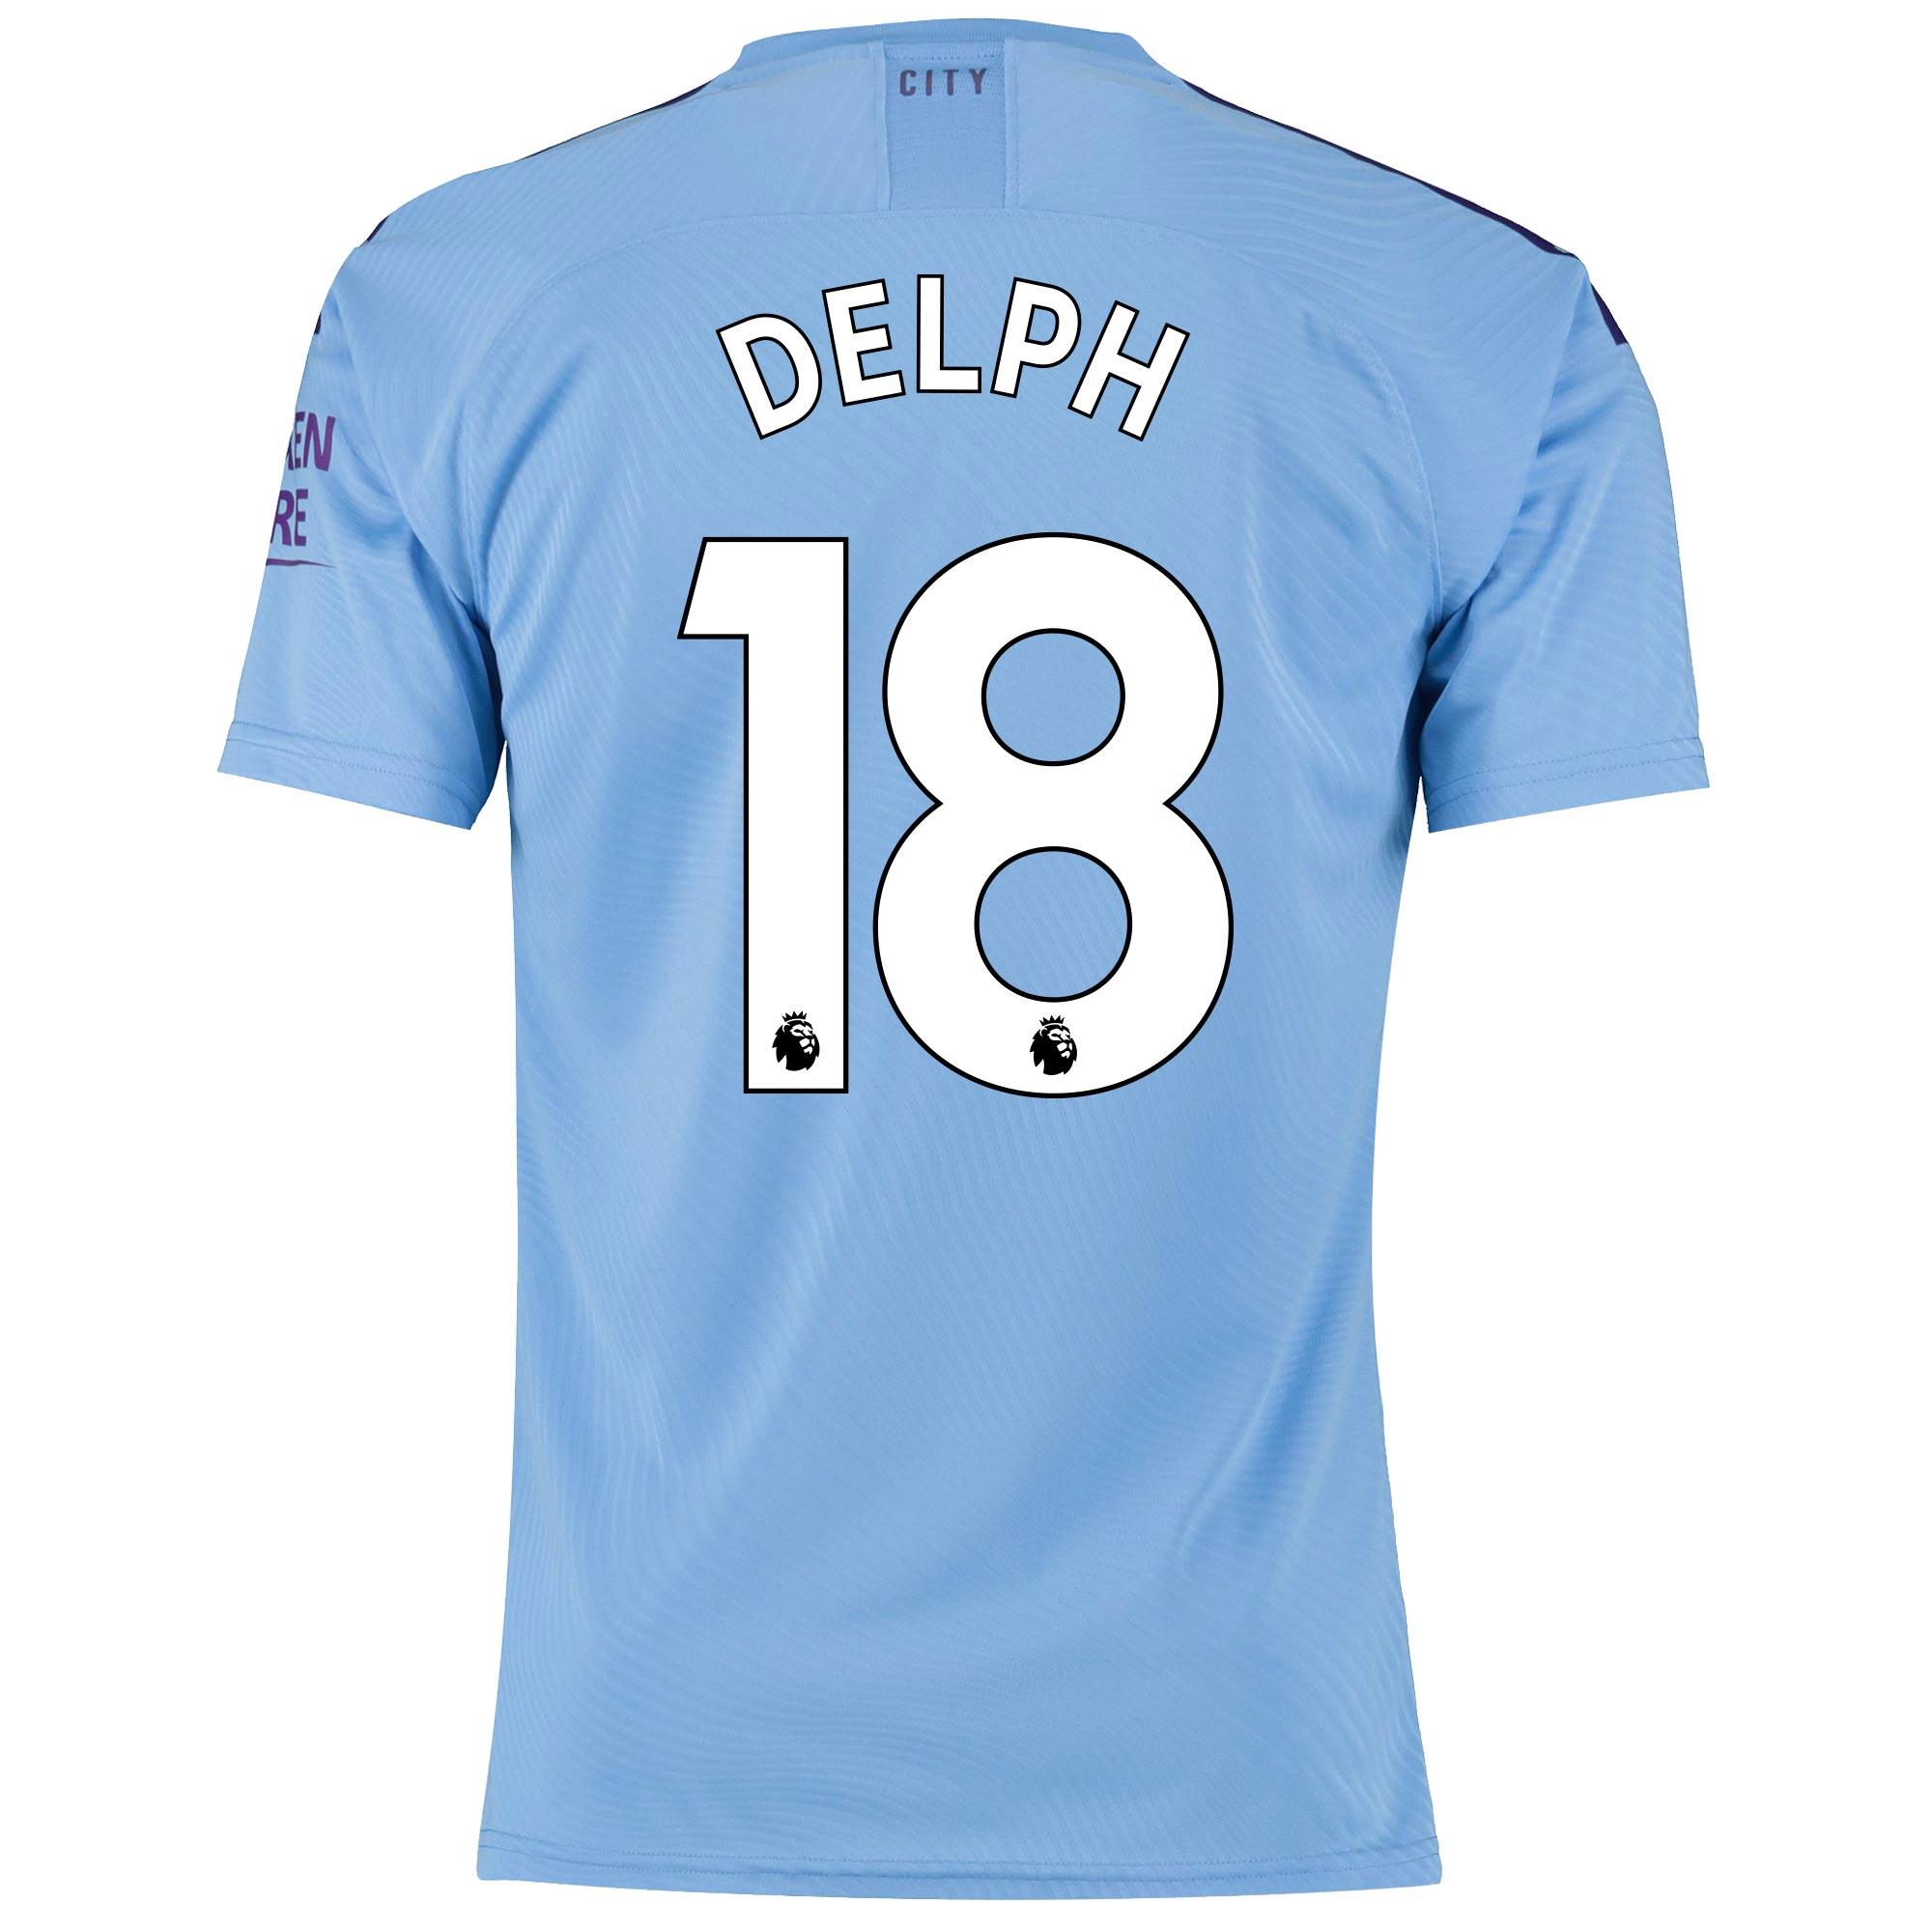 Camiseta Authentic de la 1.ª equipación del Manchester City 2019-20 dorsal Delph 18